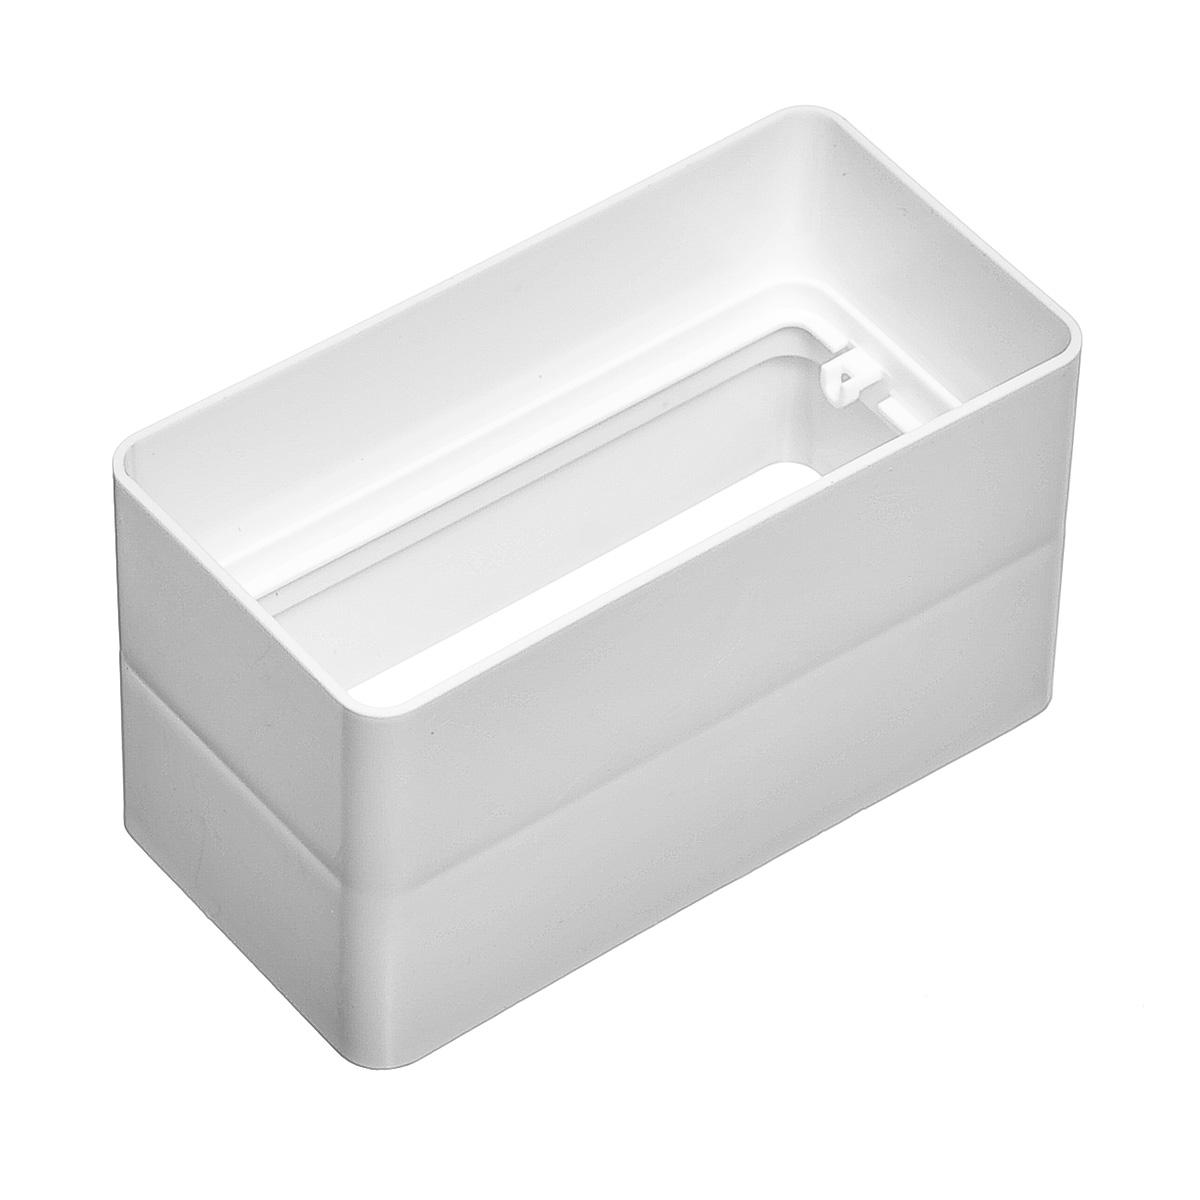 Купить Соединитель для вентиляционных коробов, размер 60х120 мм — Фото №1